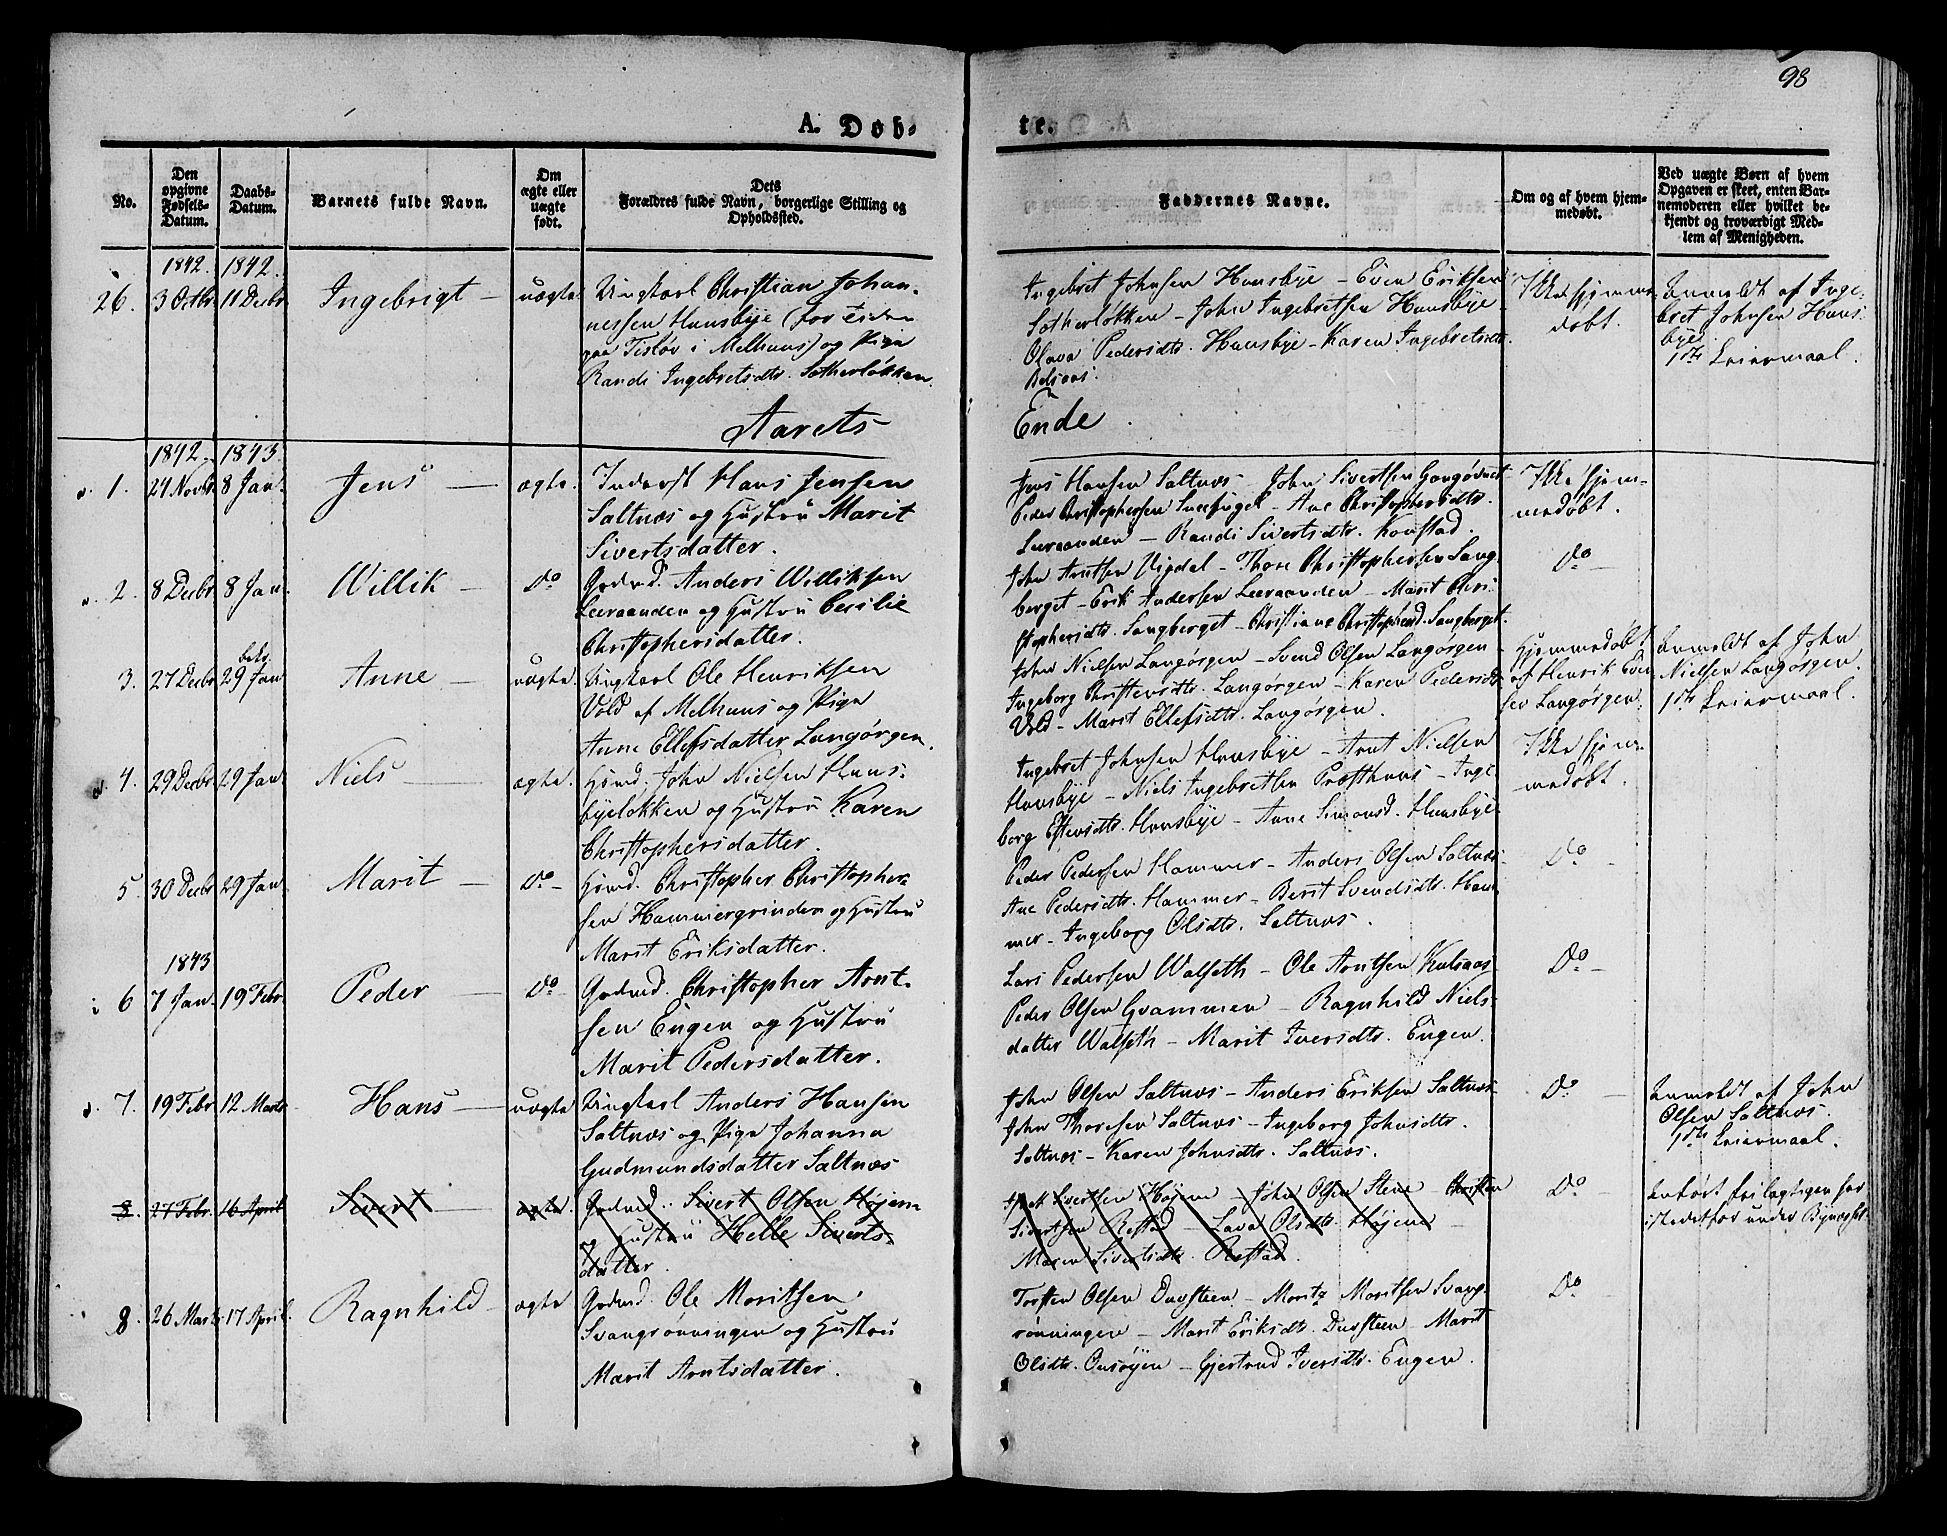 SAT, Ministerialprotokoller, klokkerbøker og fødselsregistre - Sør-Trøndelag, 612/L0375: Ministerialbok nr. 612A07 /2, 1829-1845, s. 98